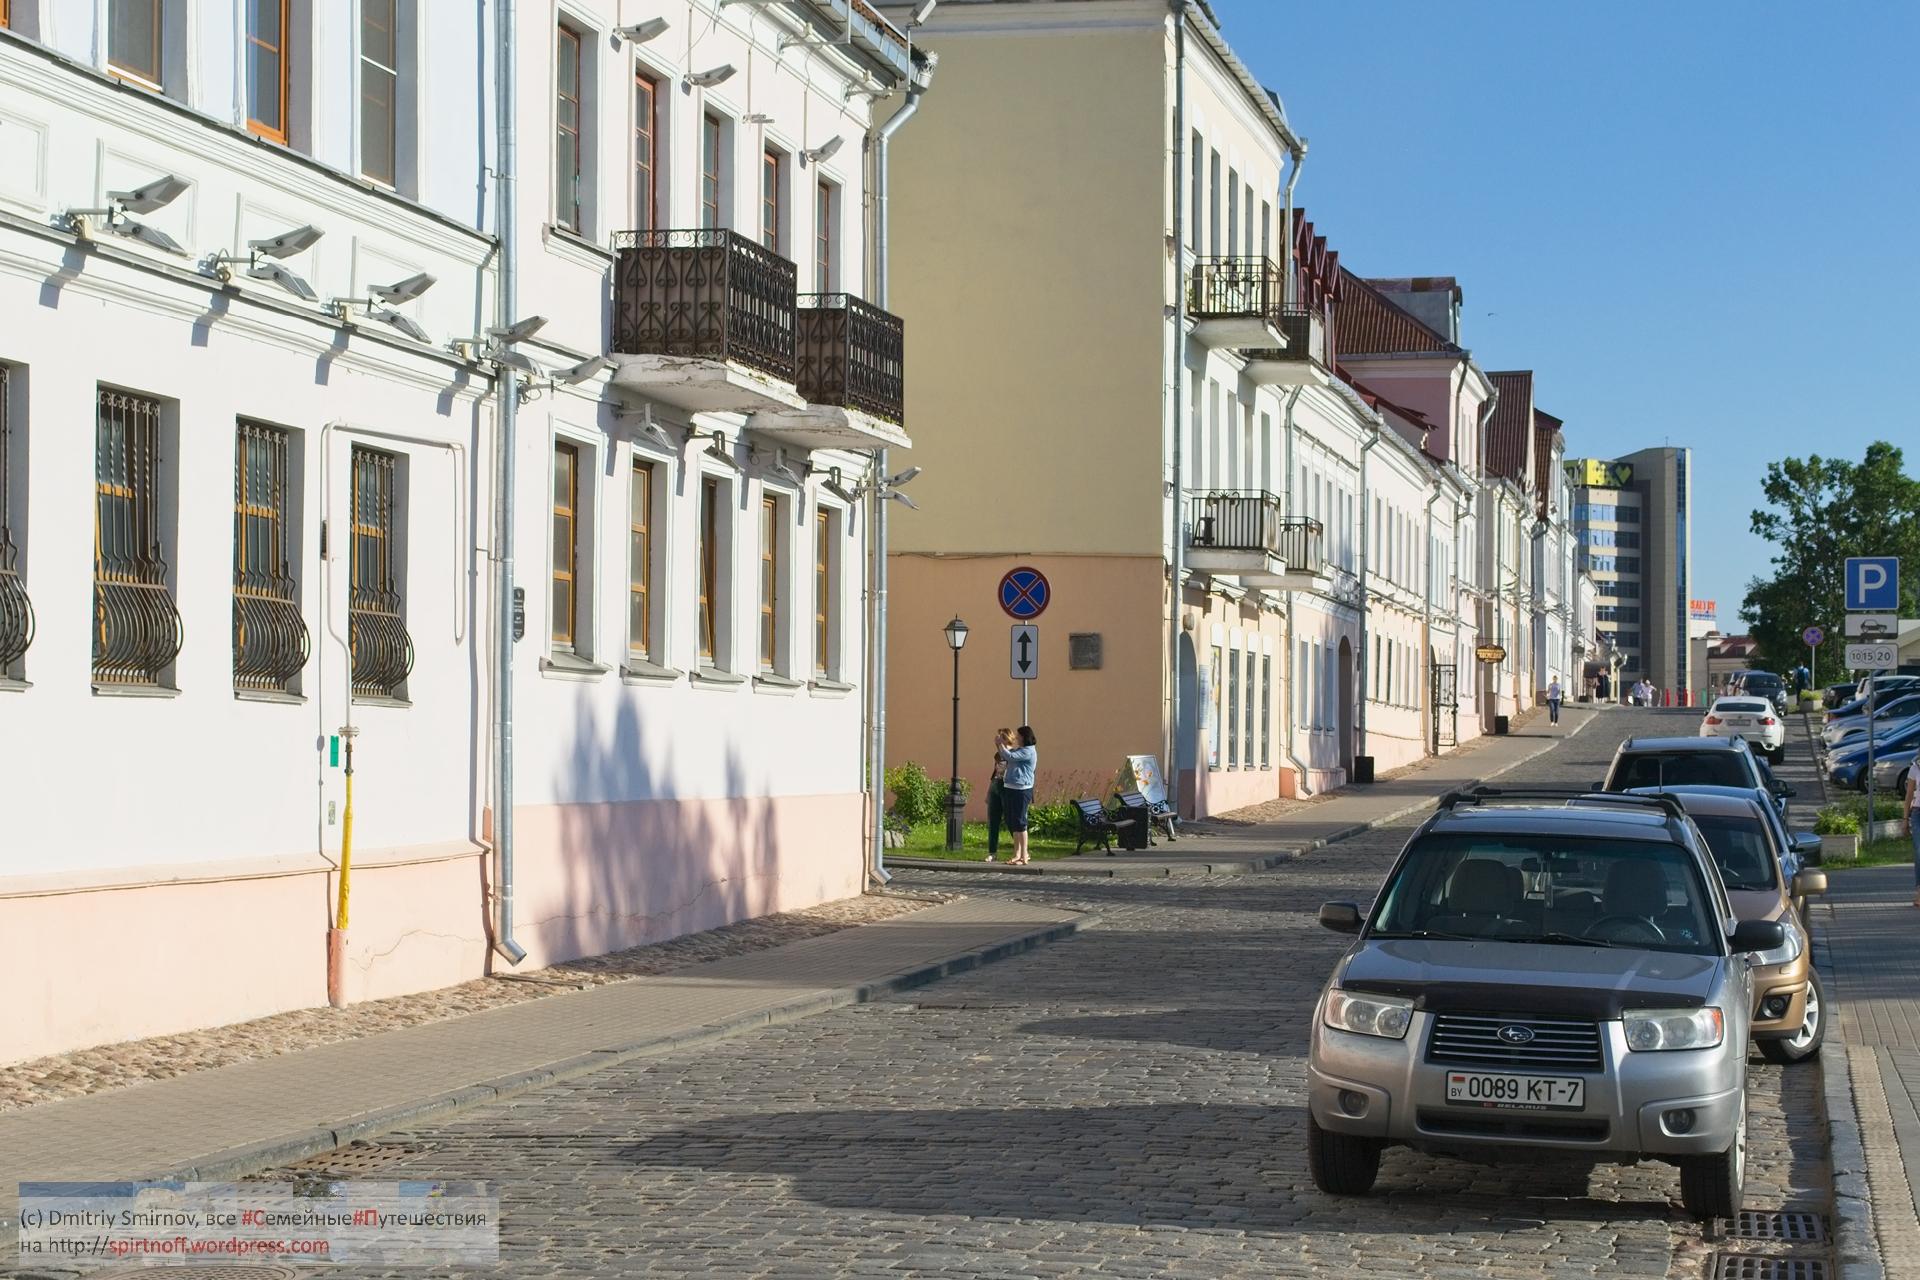 DSC_6659-Blog-44 Путешествия  Минск, Троицкое предместье, Набережная воинов-интернационалистов